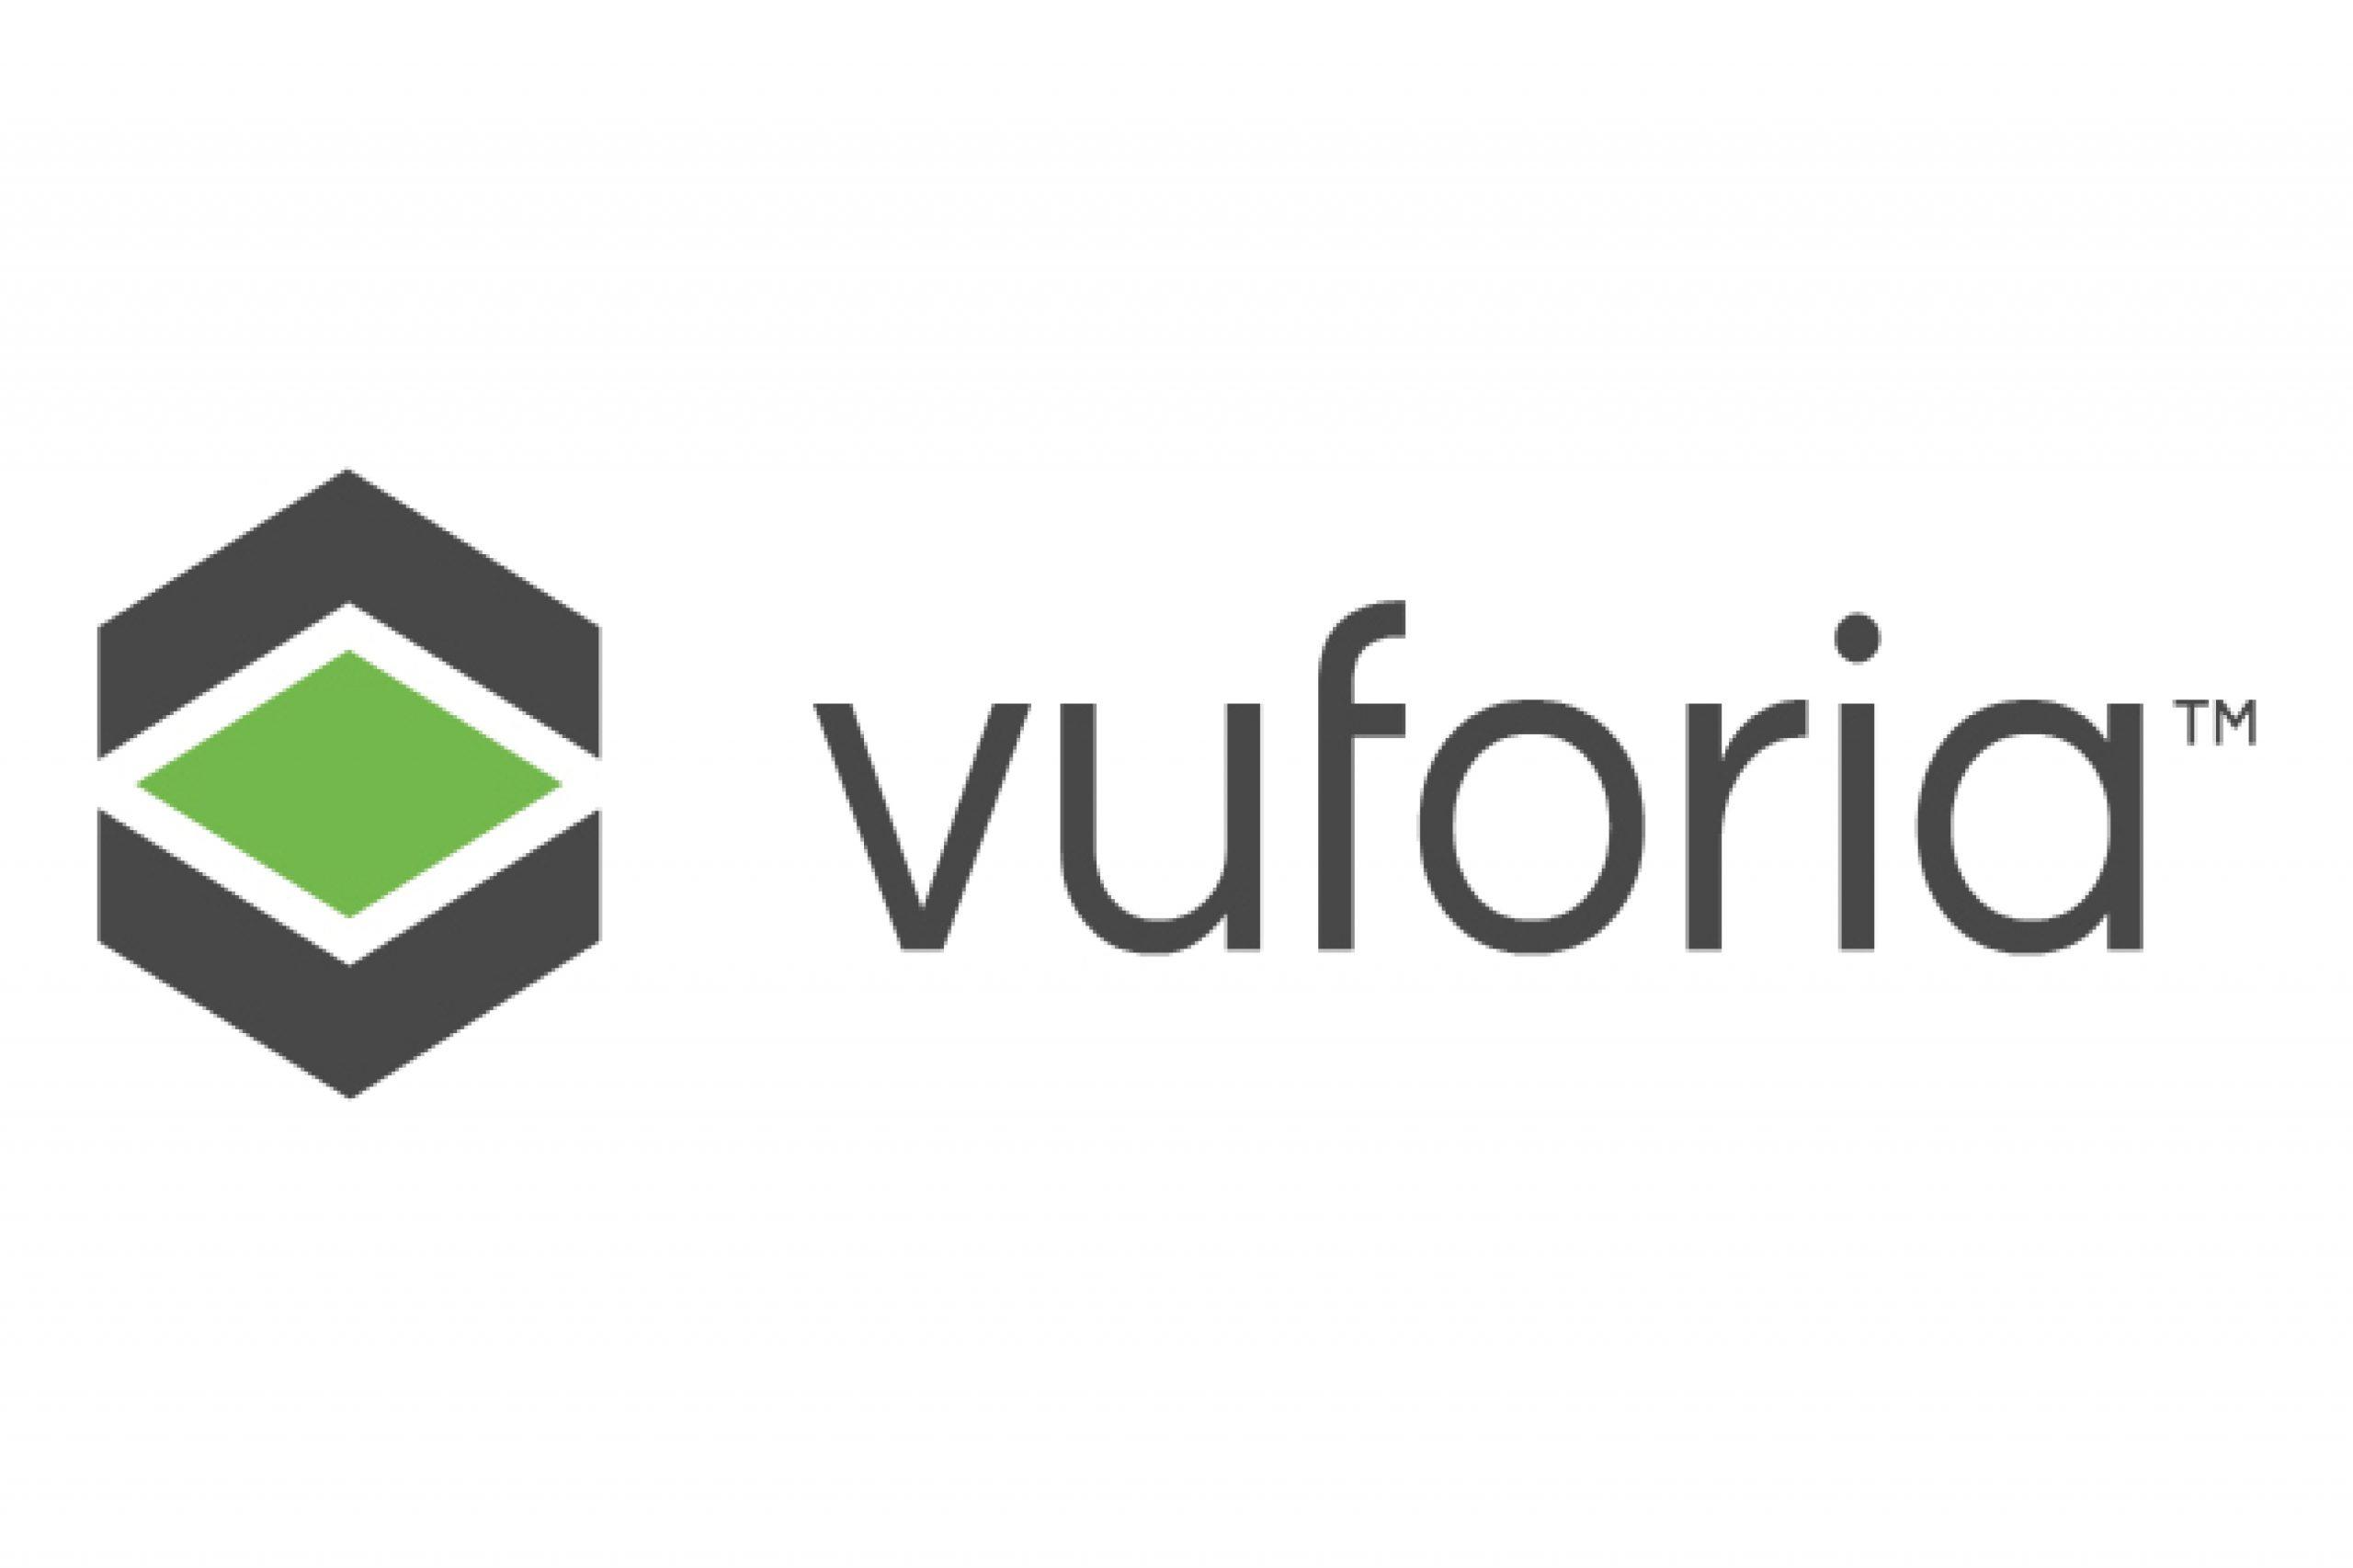 Logo - PTC Vuforia